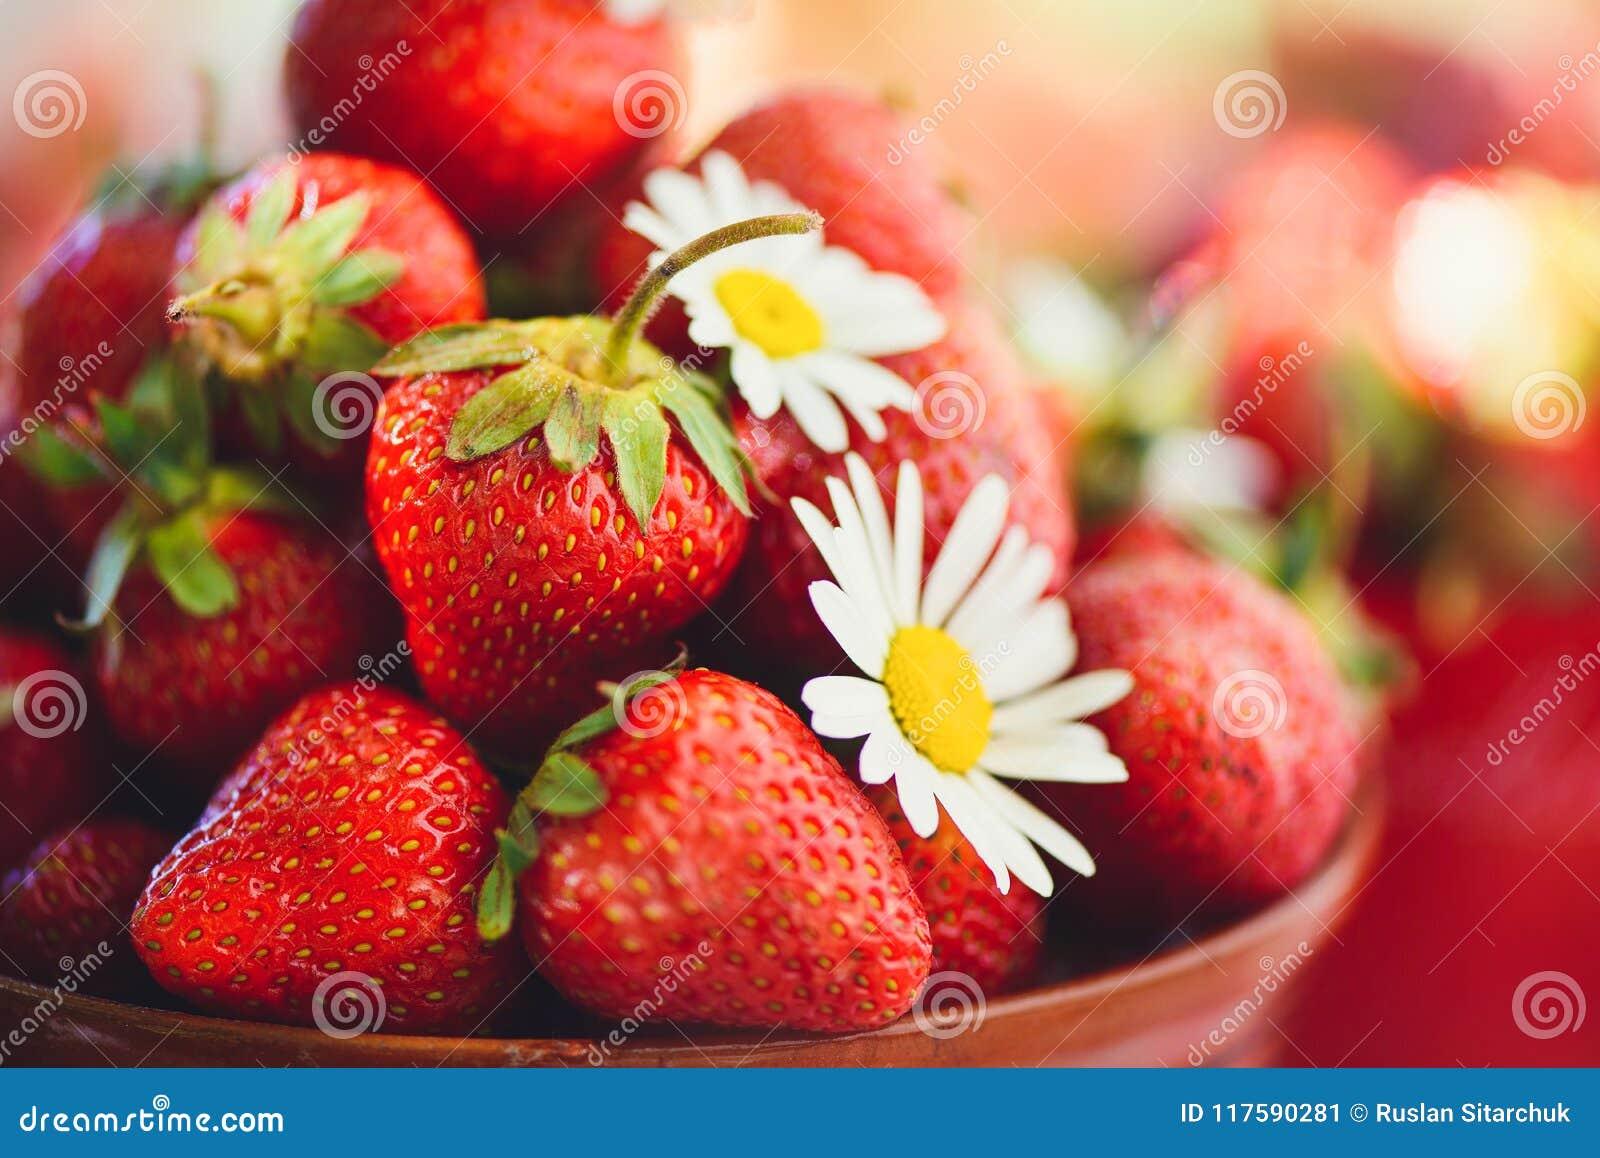 Une fraise fraîche dans une cuvette sur une table dans un jardin d été est ornée avec des fleurs de camomille avec une étape disc